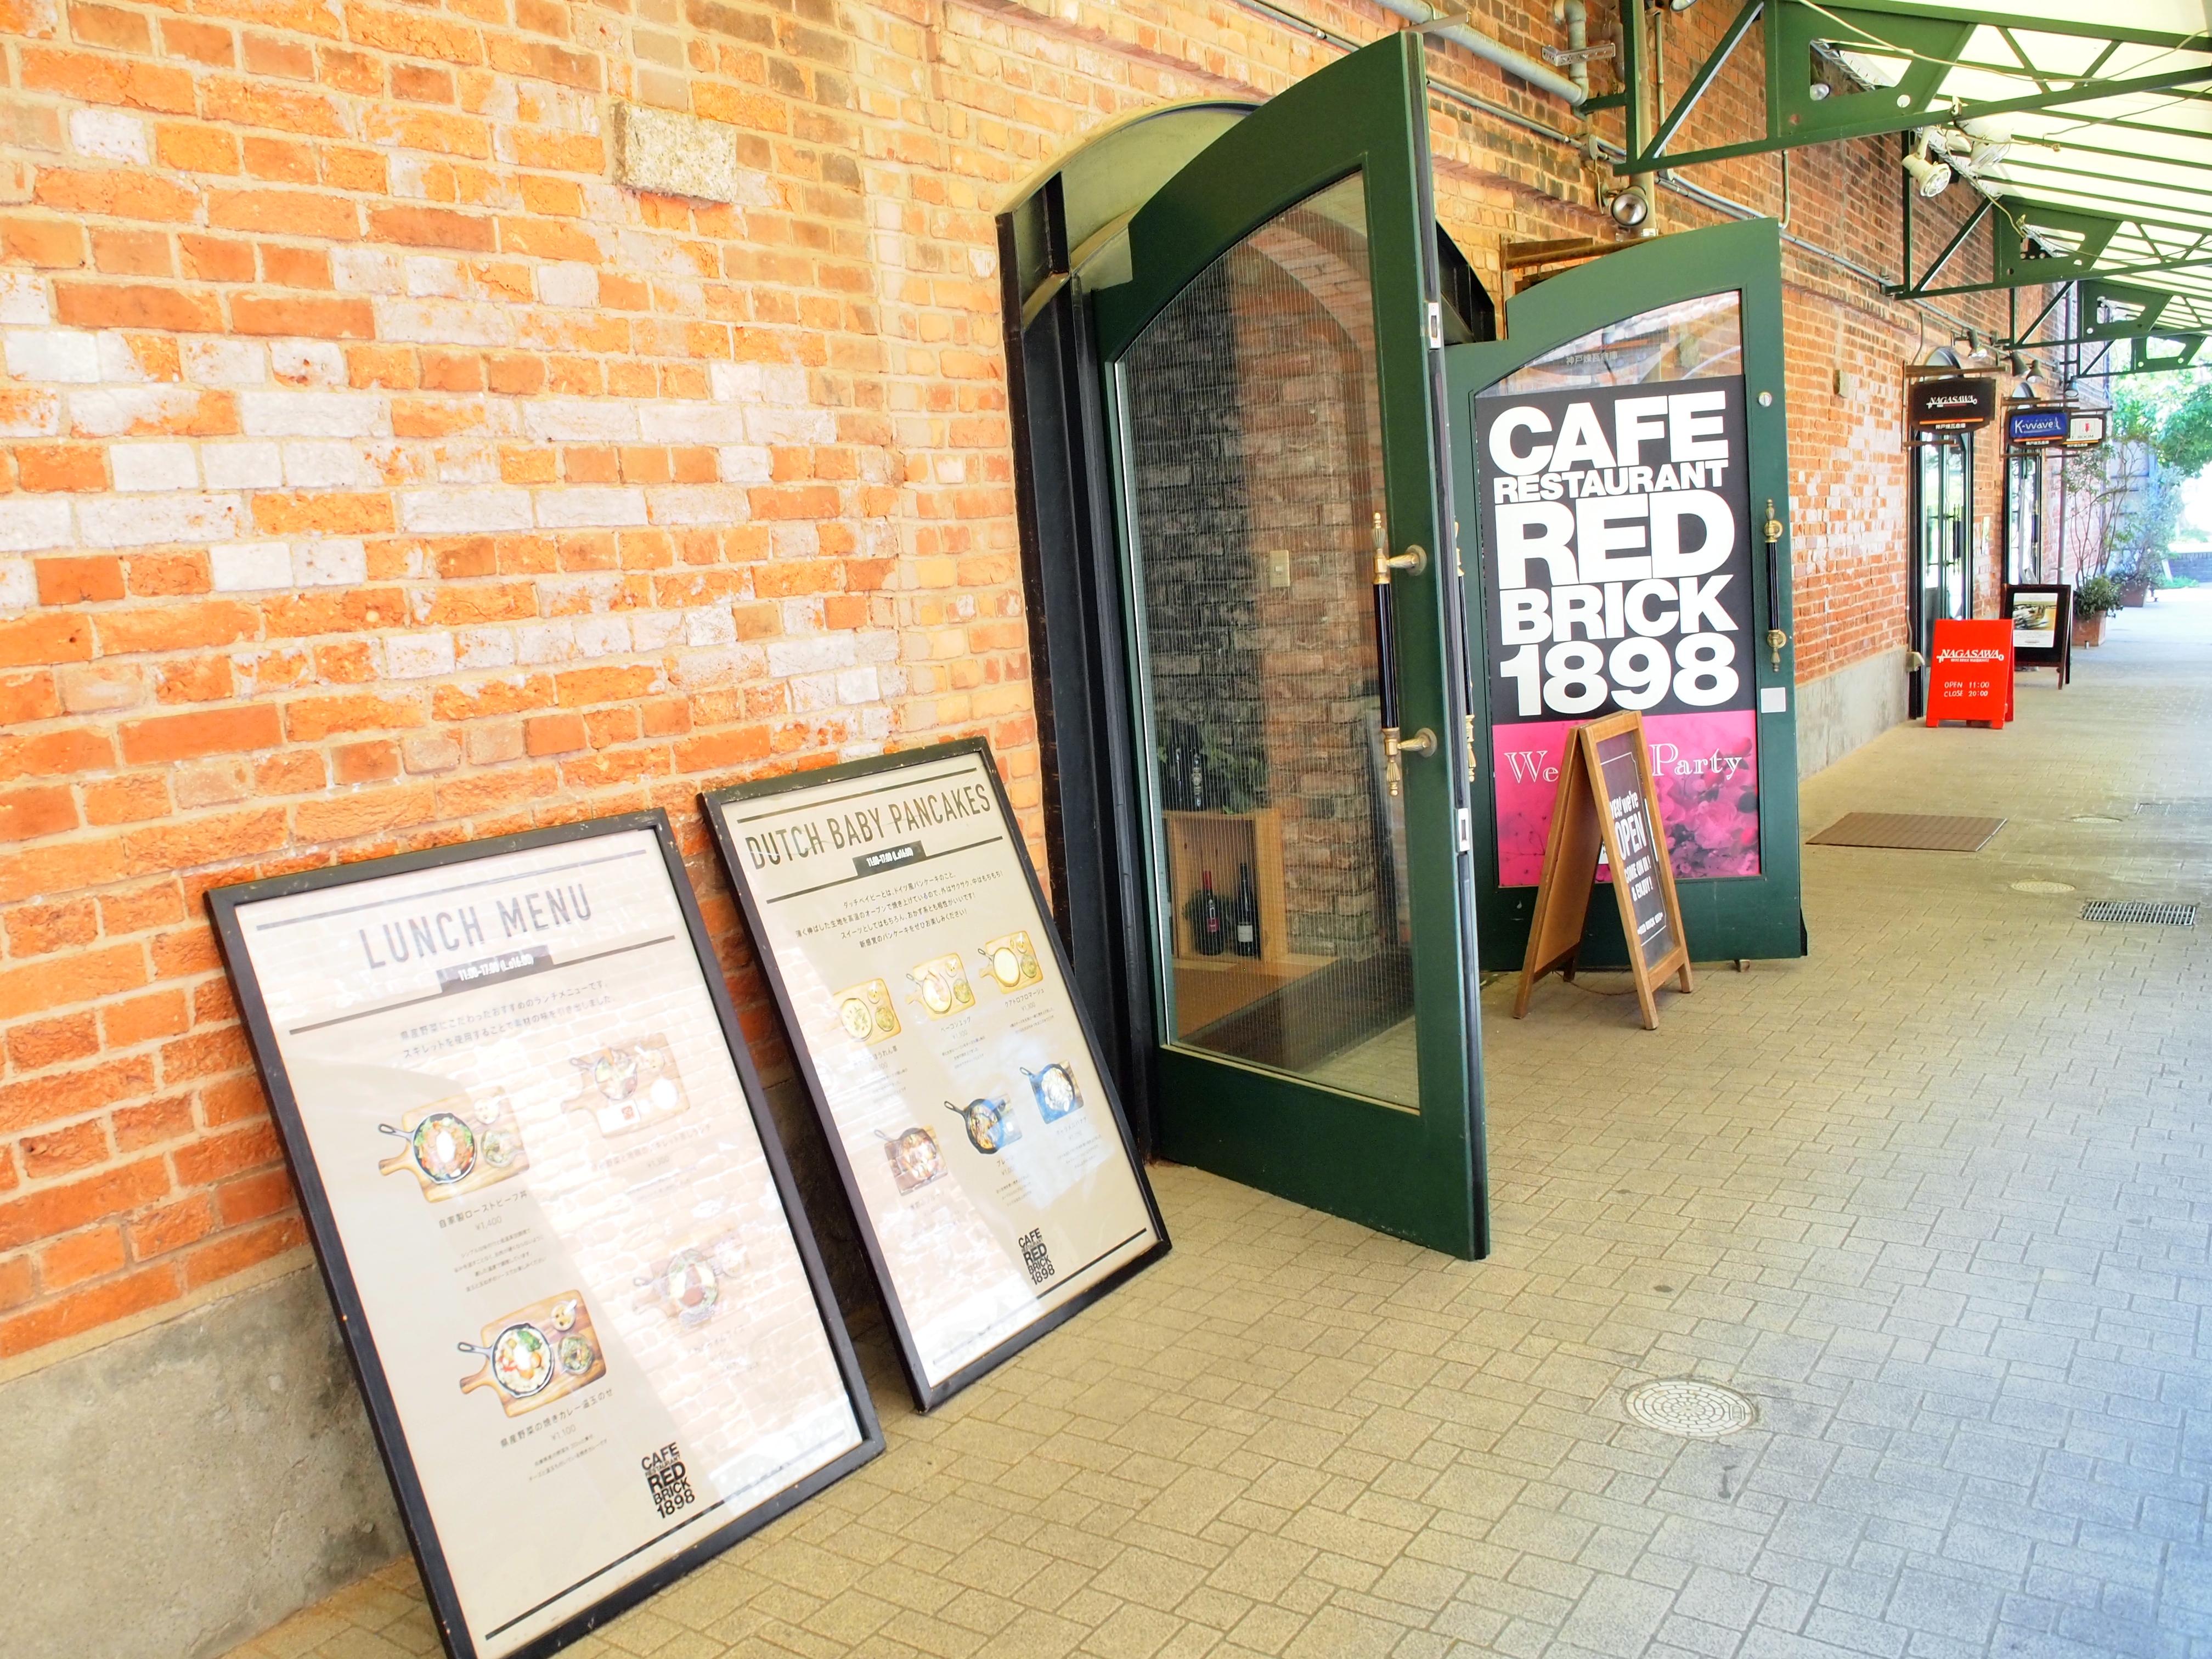 神戸 煉瓦倉庫 ハーバーランド カフェ パンケーキ RED BRICK 1898 レッドブリック ランチ メニュー